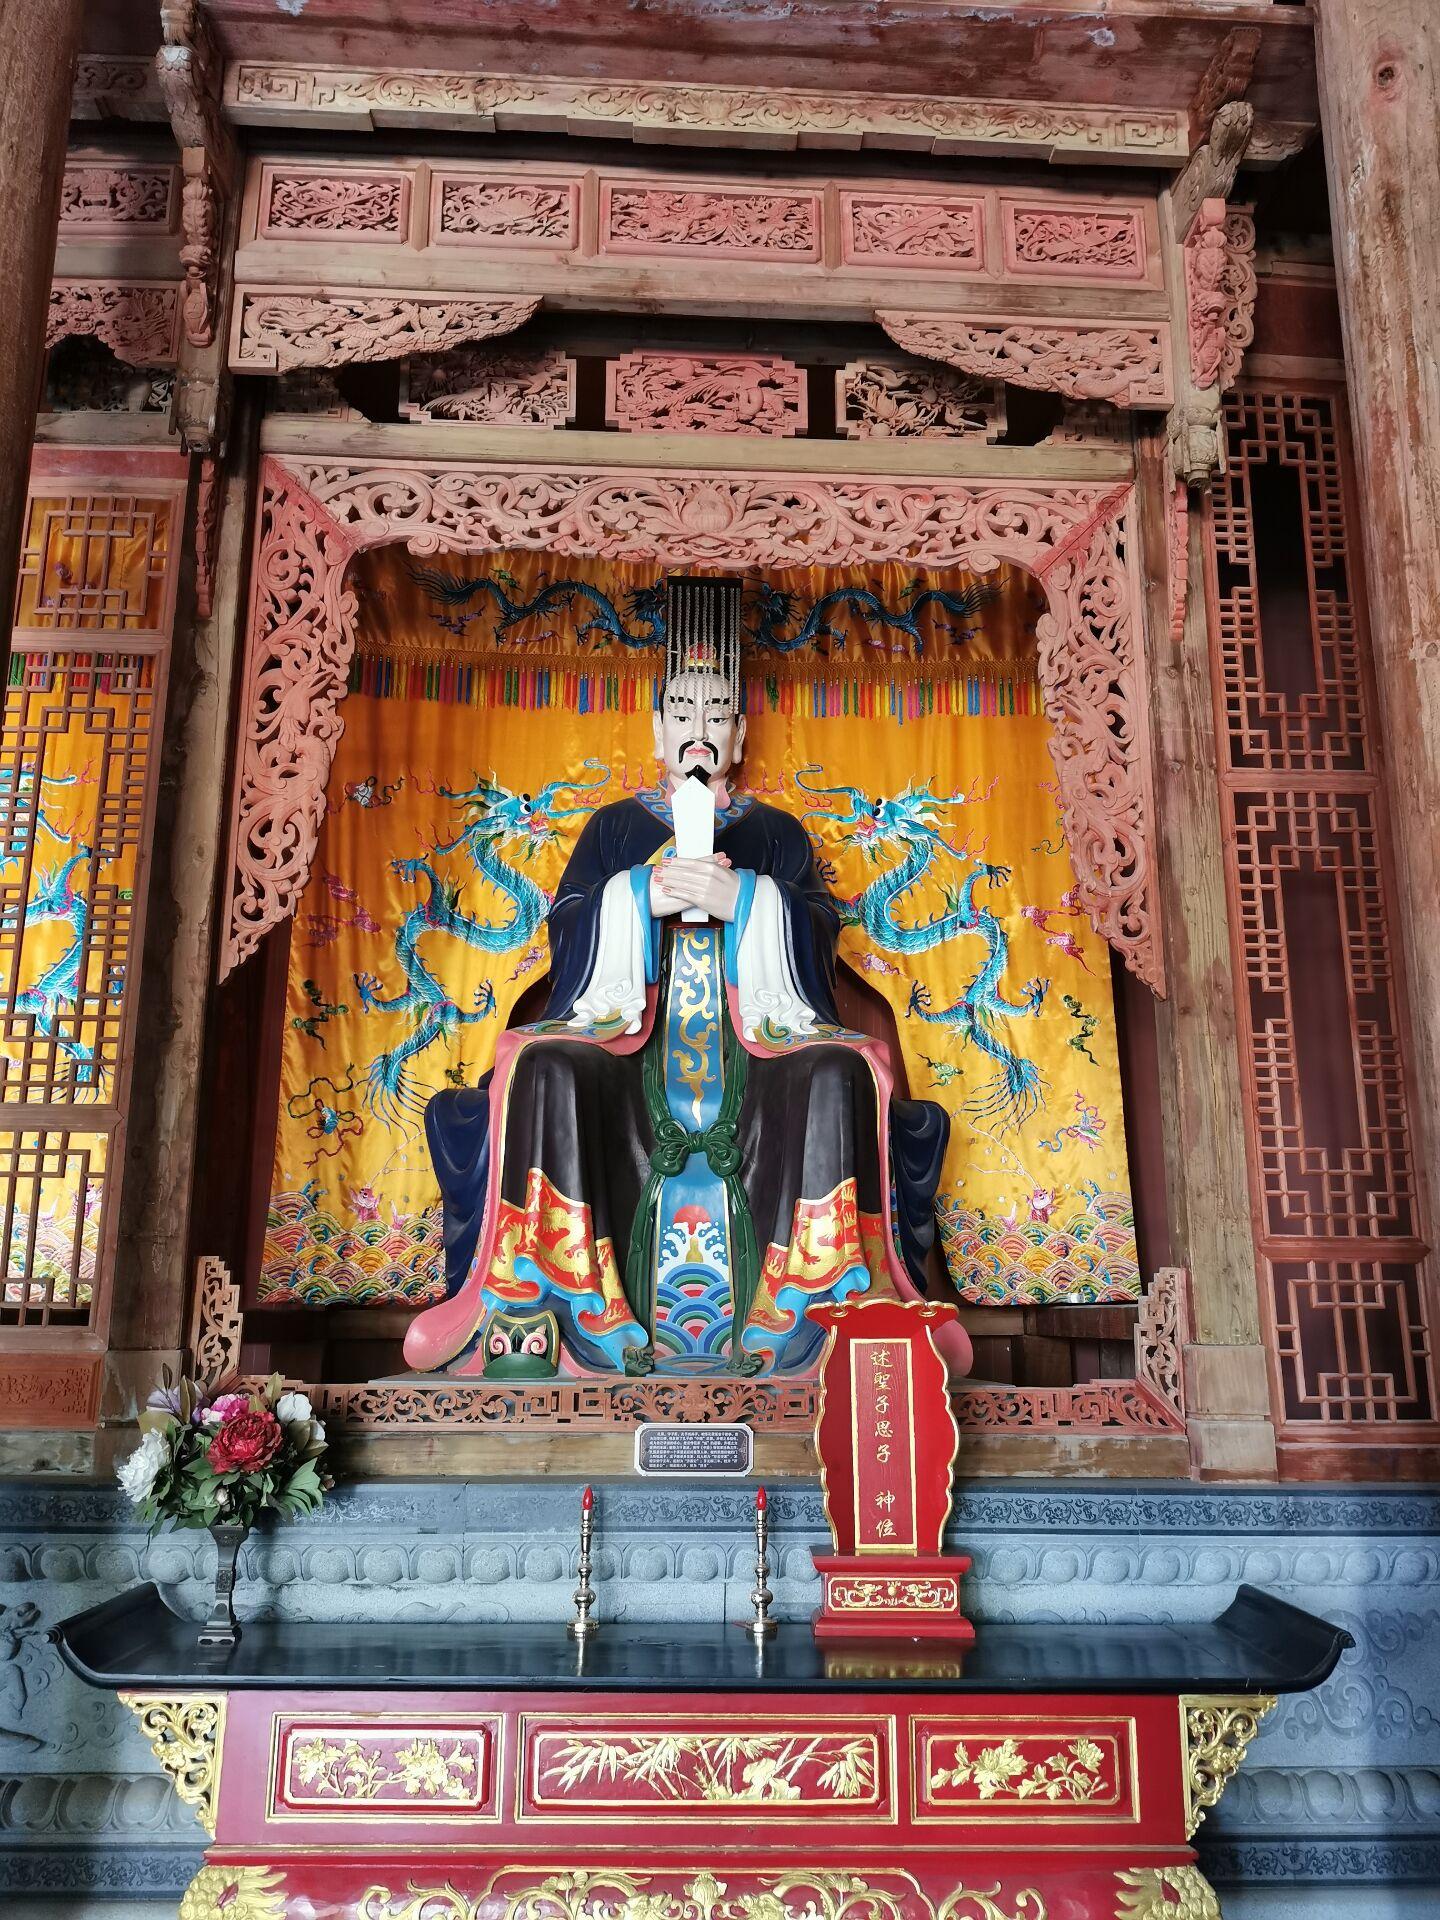 大理文庙11.jpg